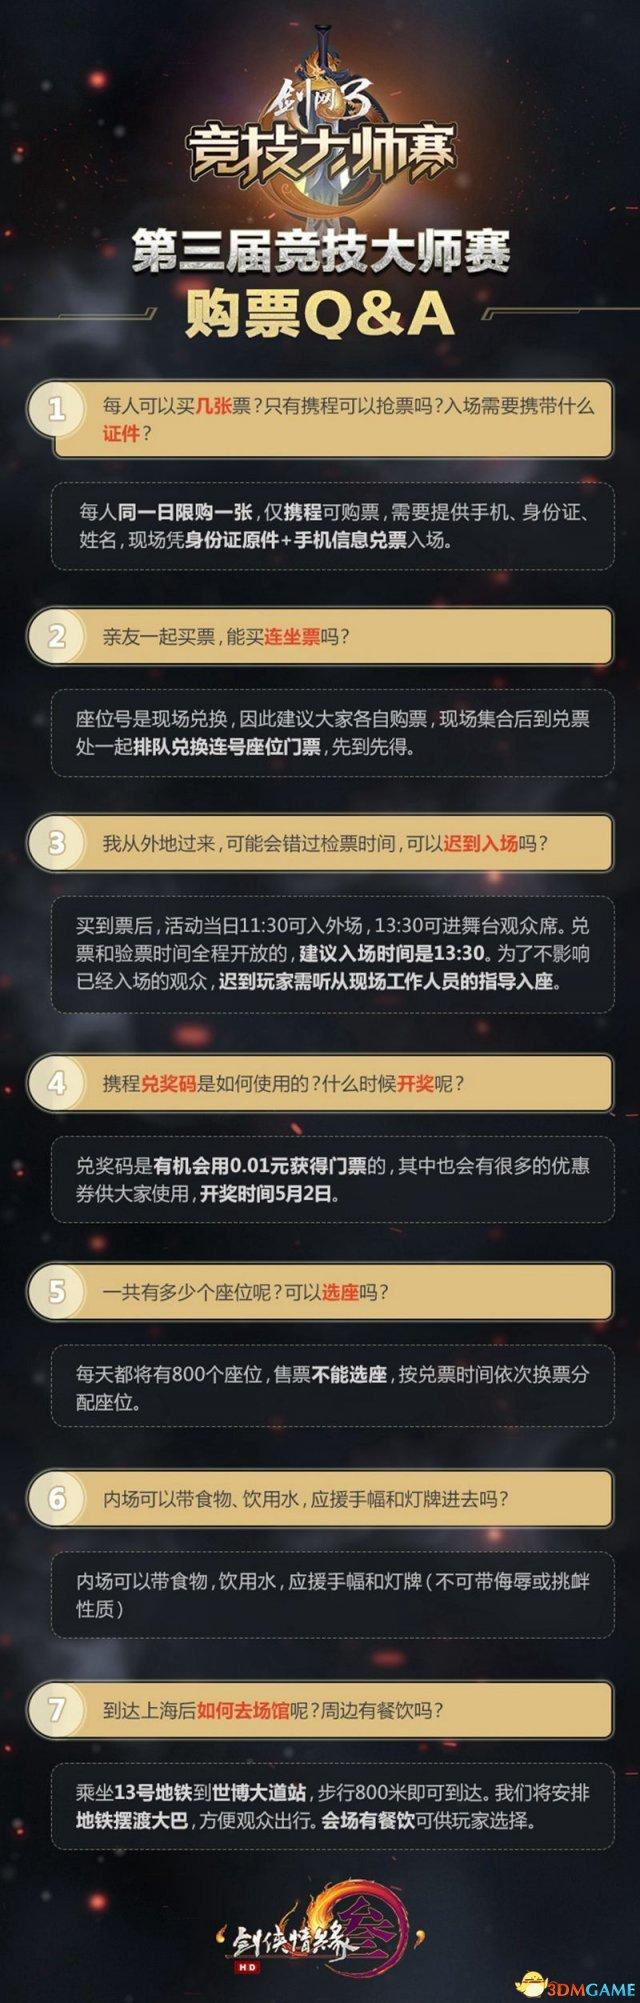 剑网3大师赛线下赛门票今晚发售 全民助威活动首曝